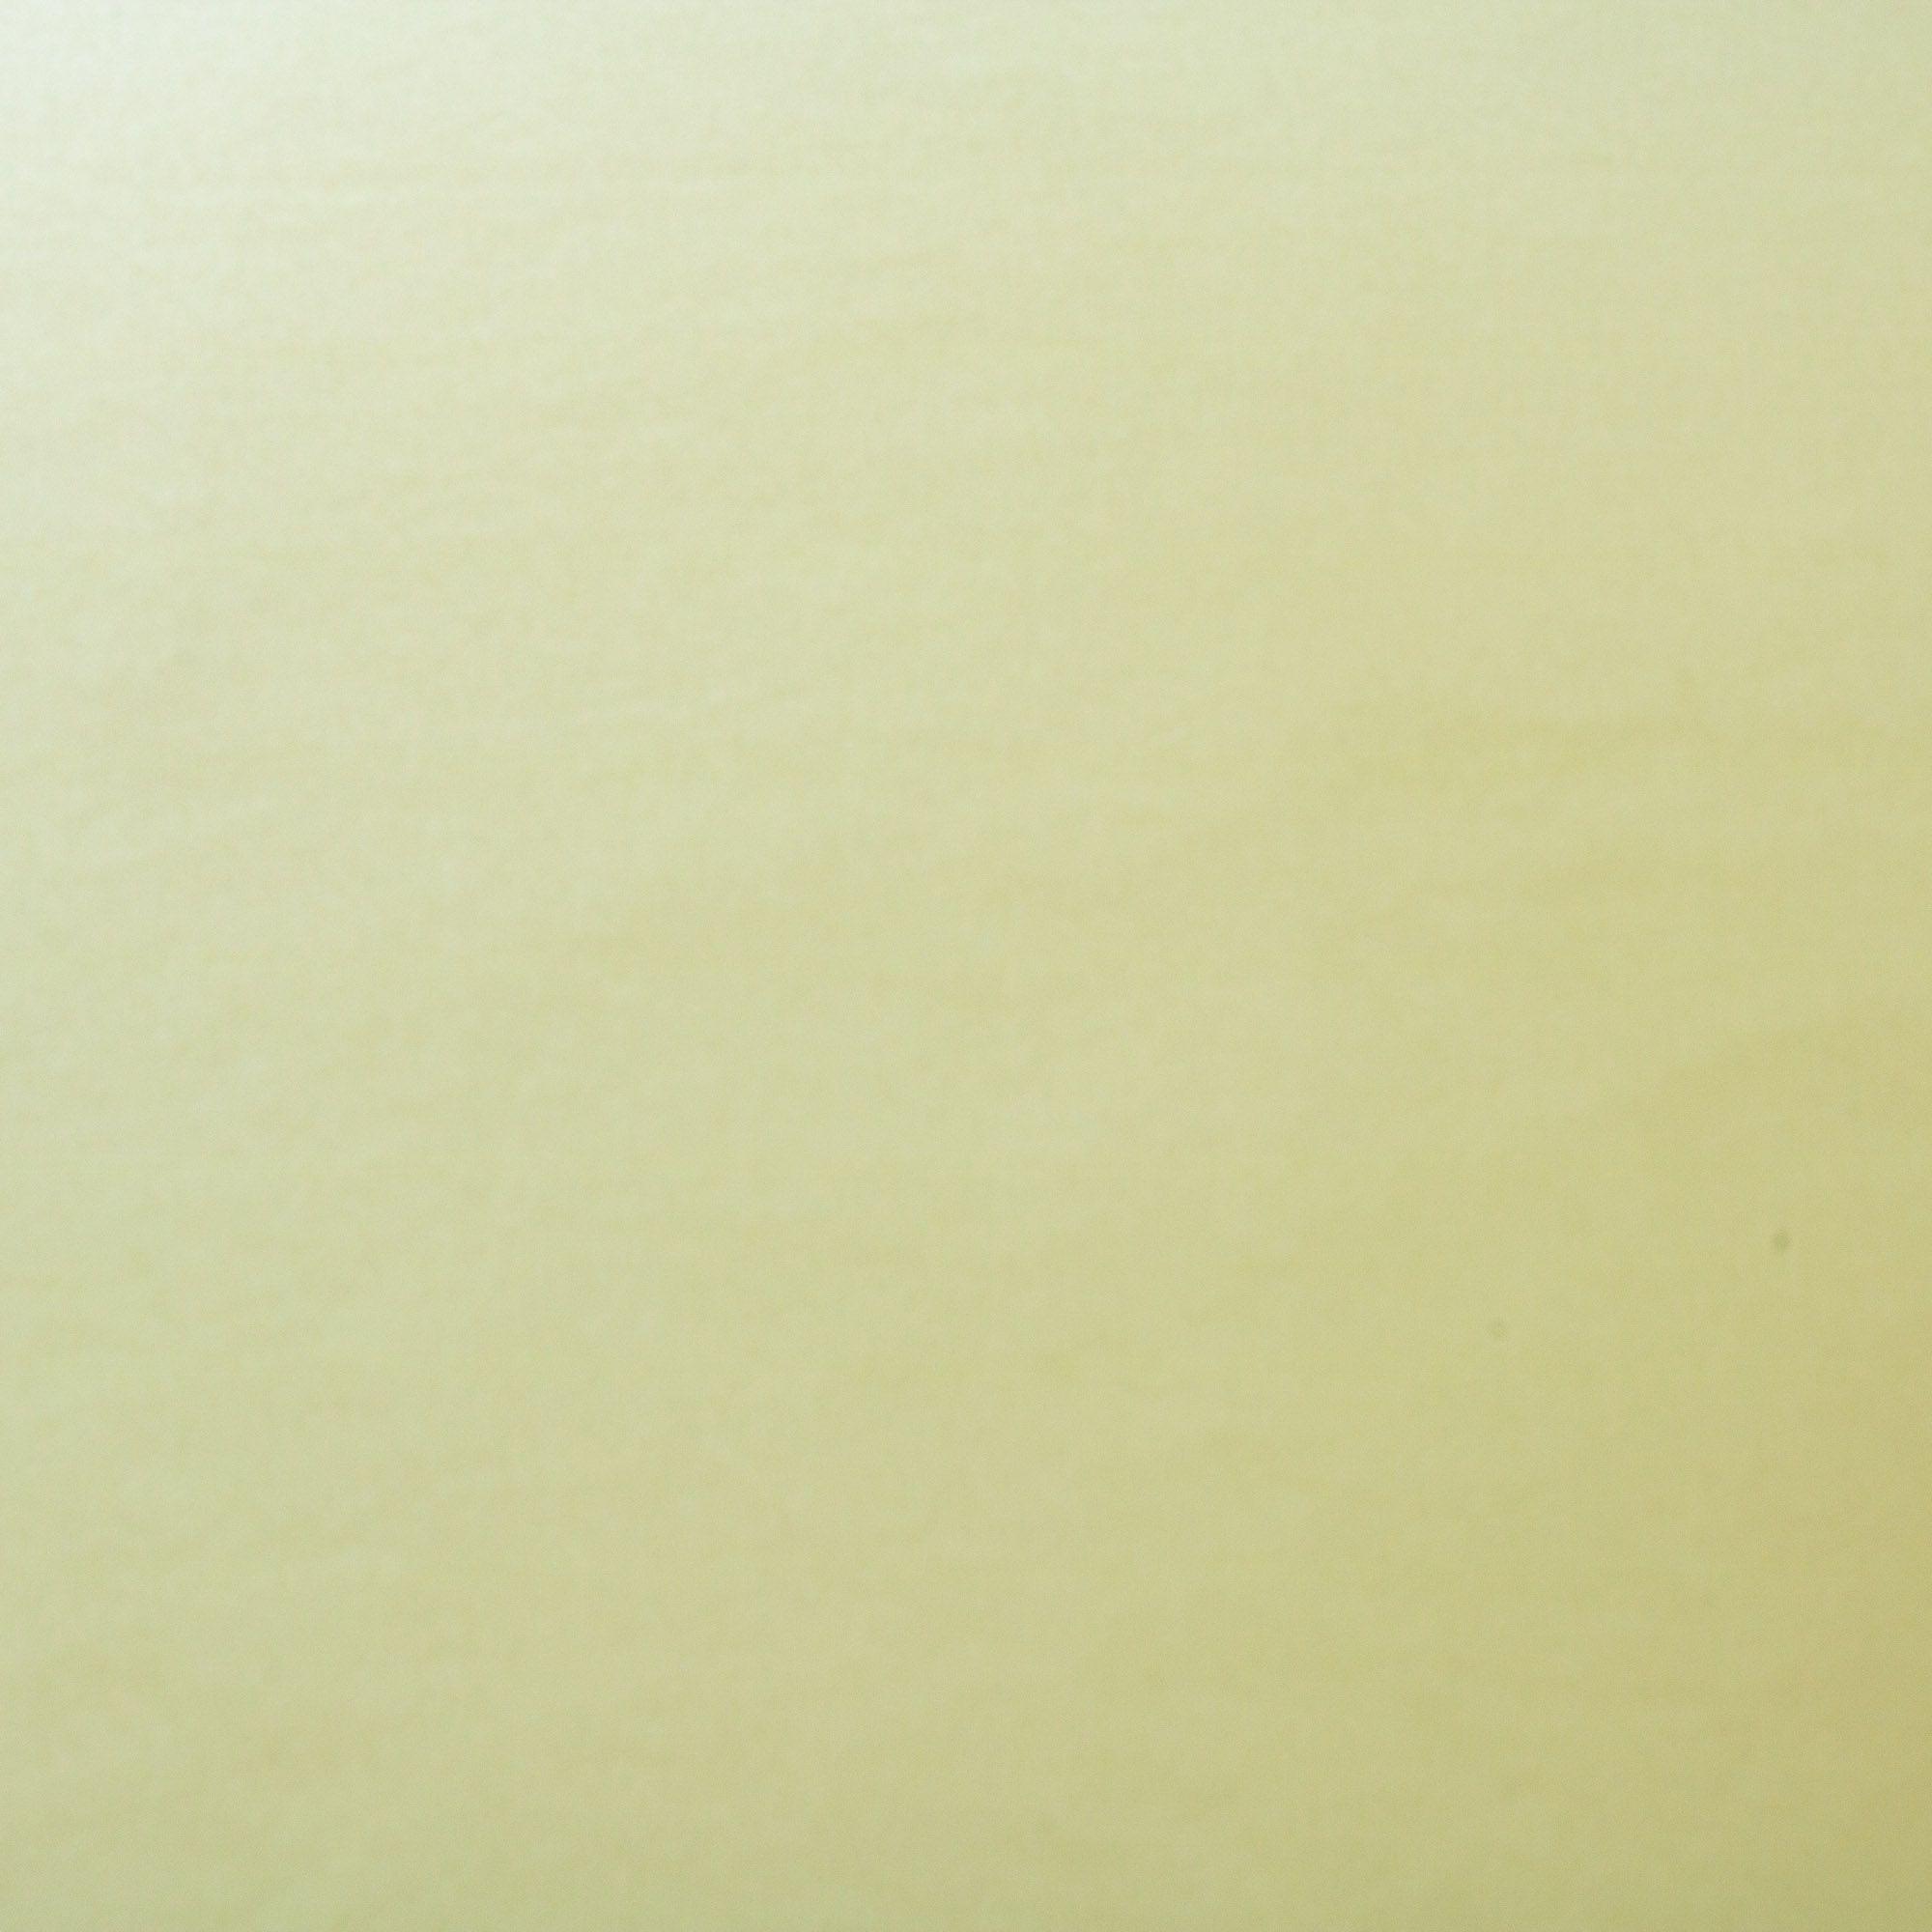 Tecido Malha Helanca Light Verde Claro 100% Poliester 1,80 m Largura